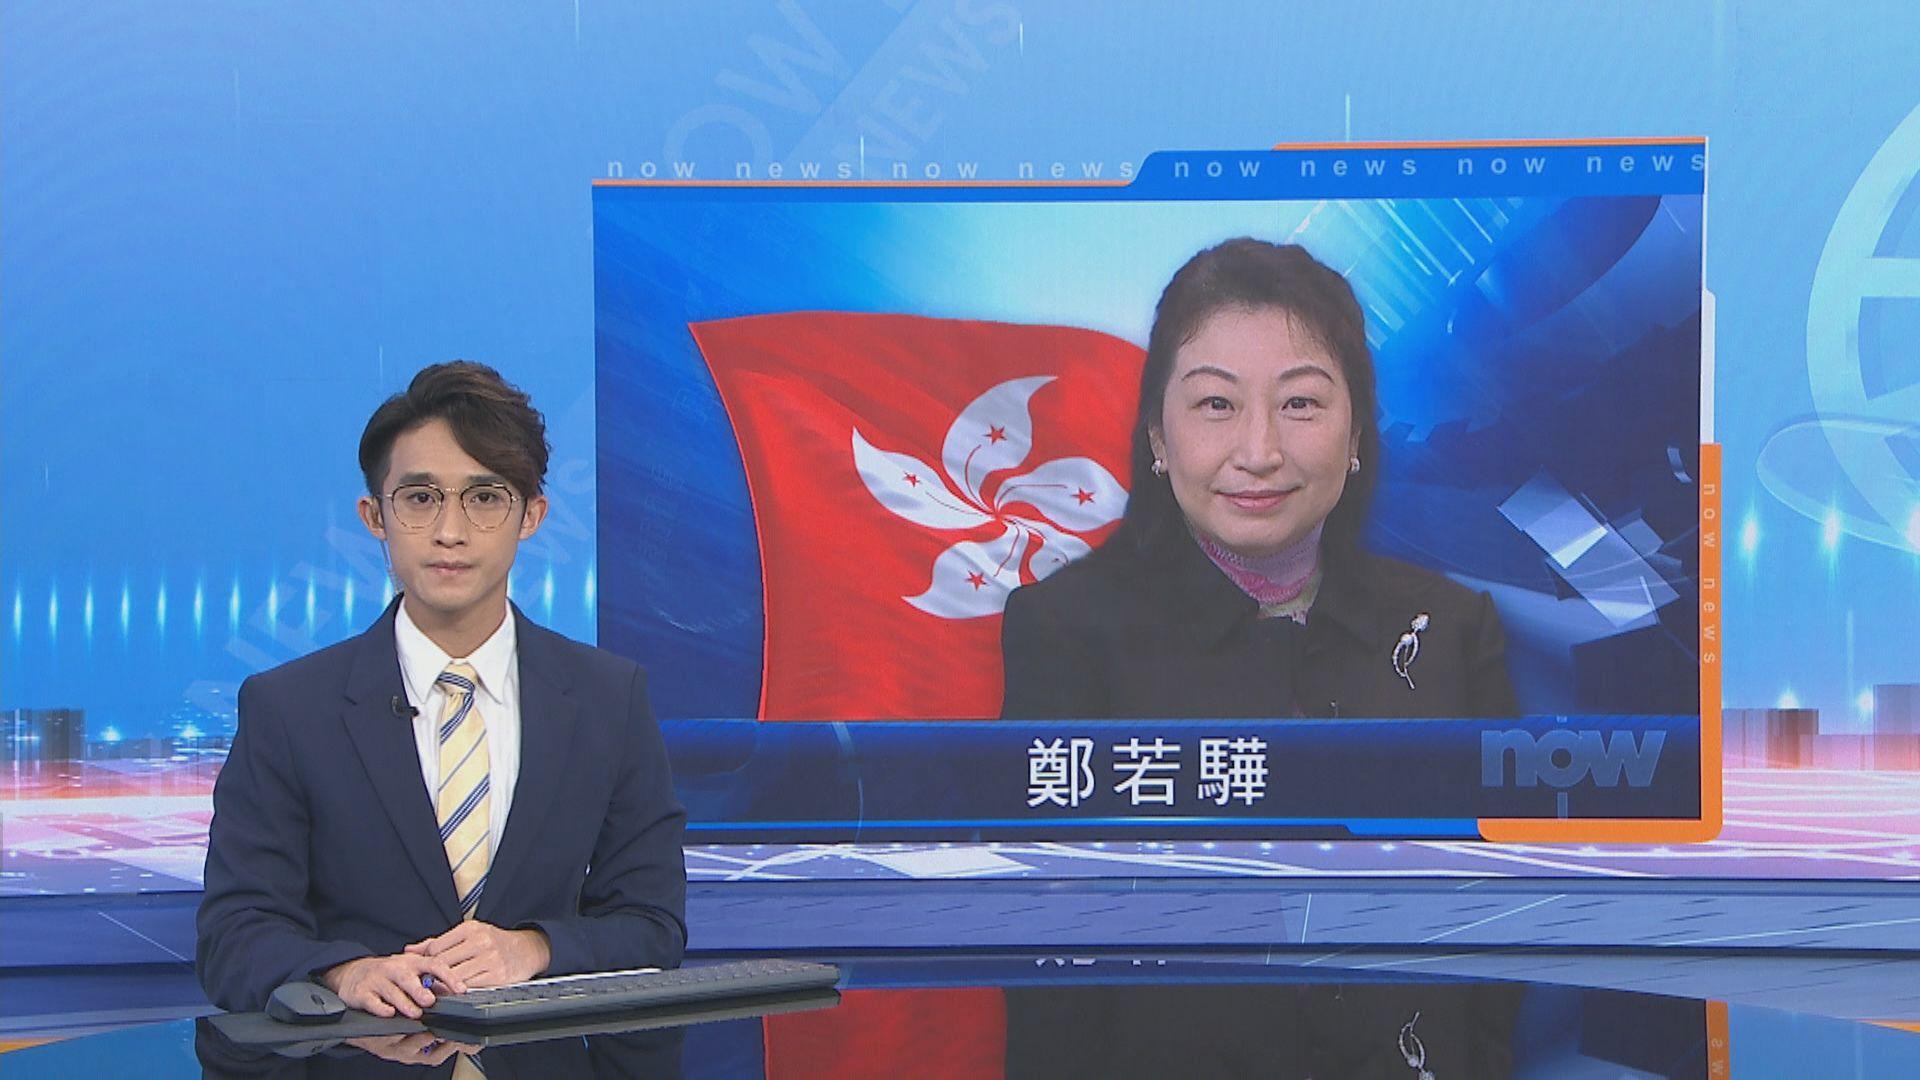 鄭若驊:三權行政主導下目的是維護國家統一 保持香港繁榮穩定